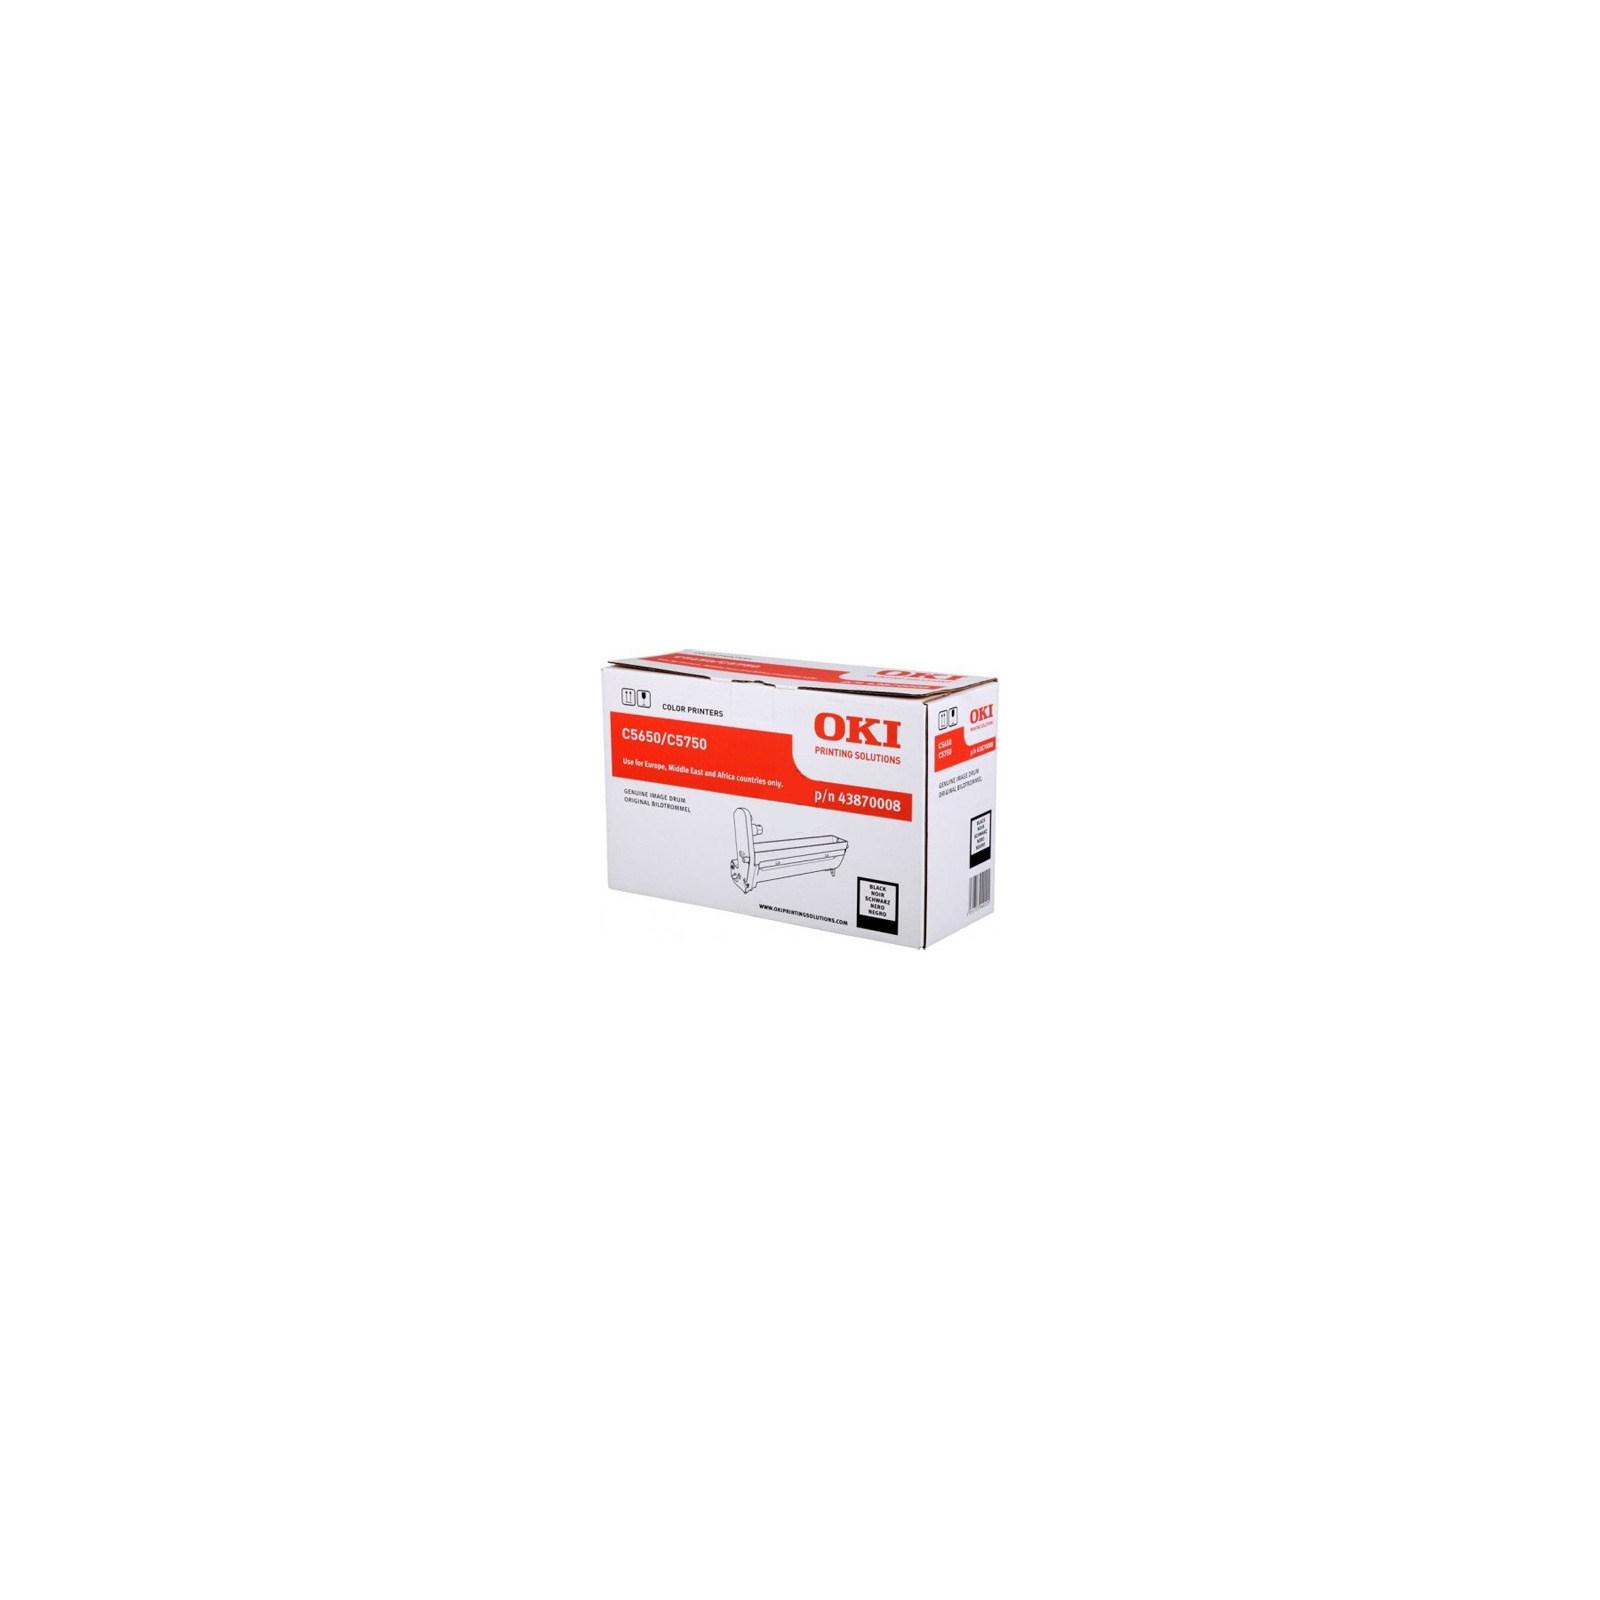 Фотокондуктор OKI C5650/5750 Black (43870008)